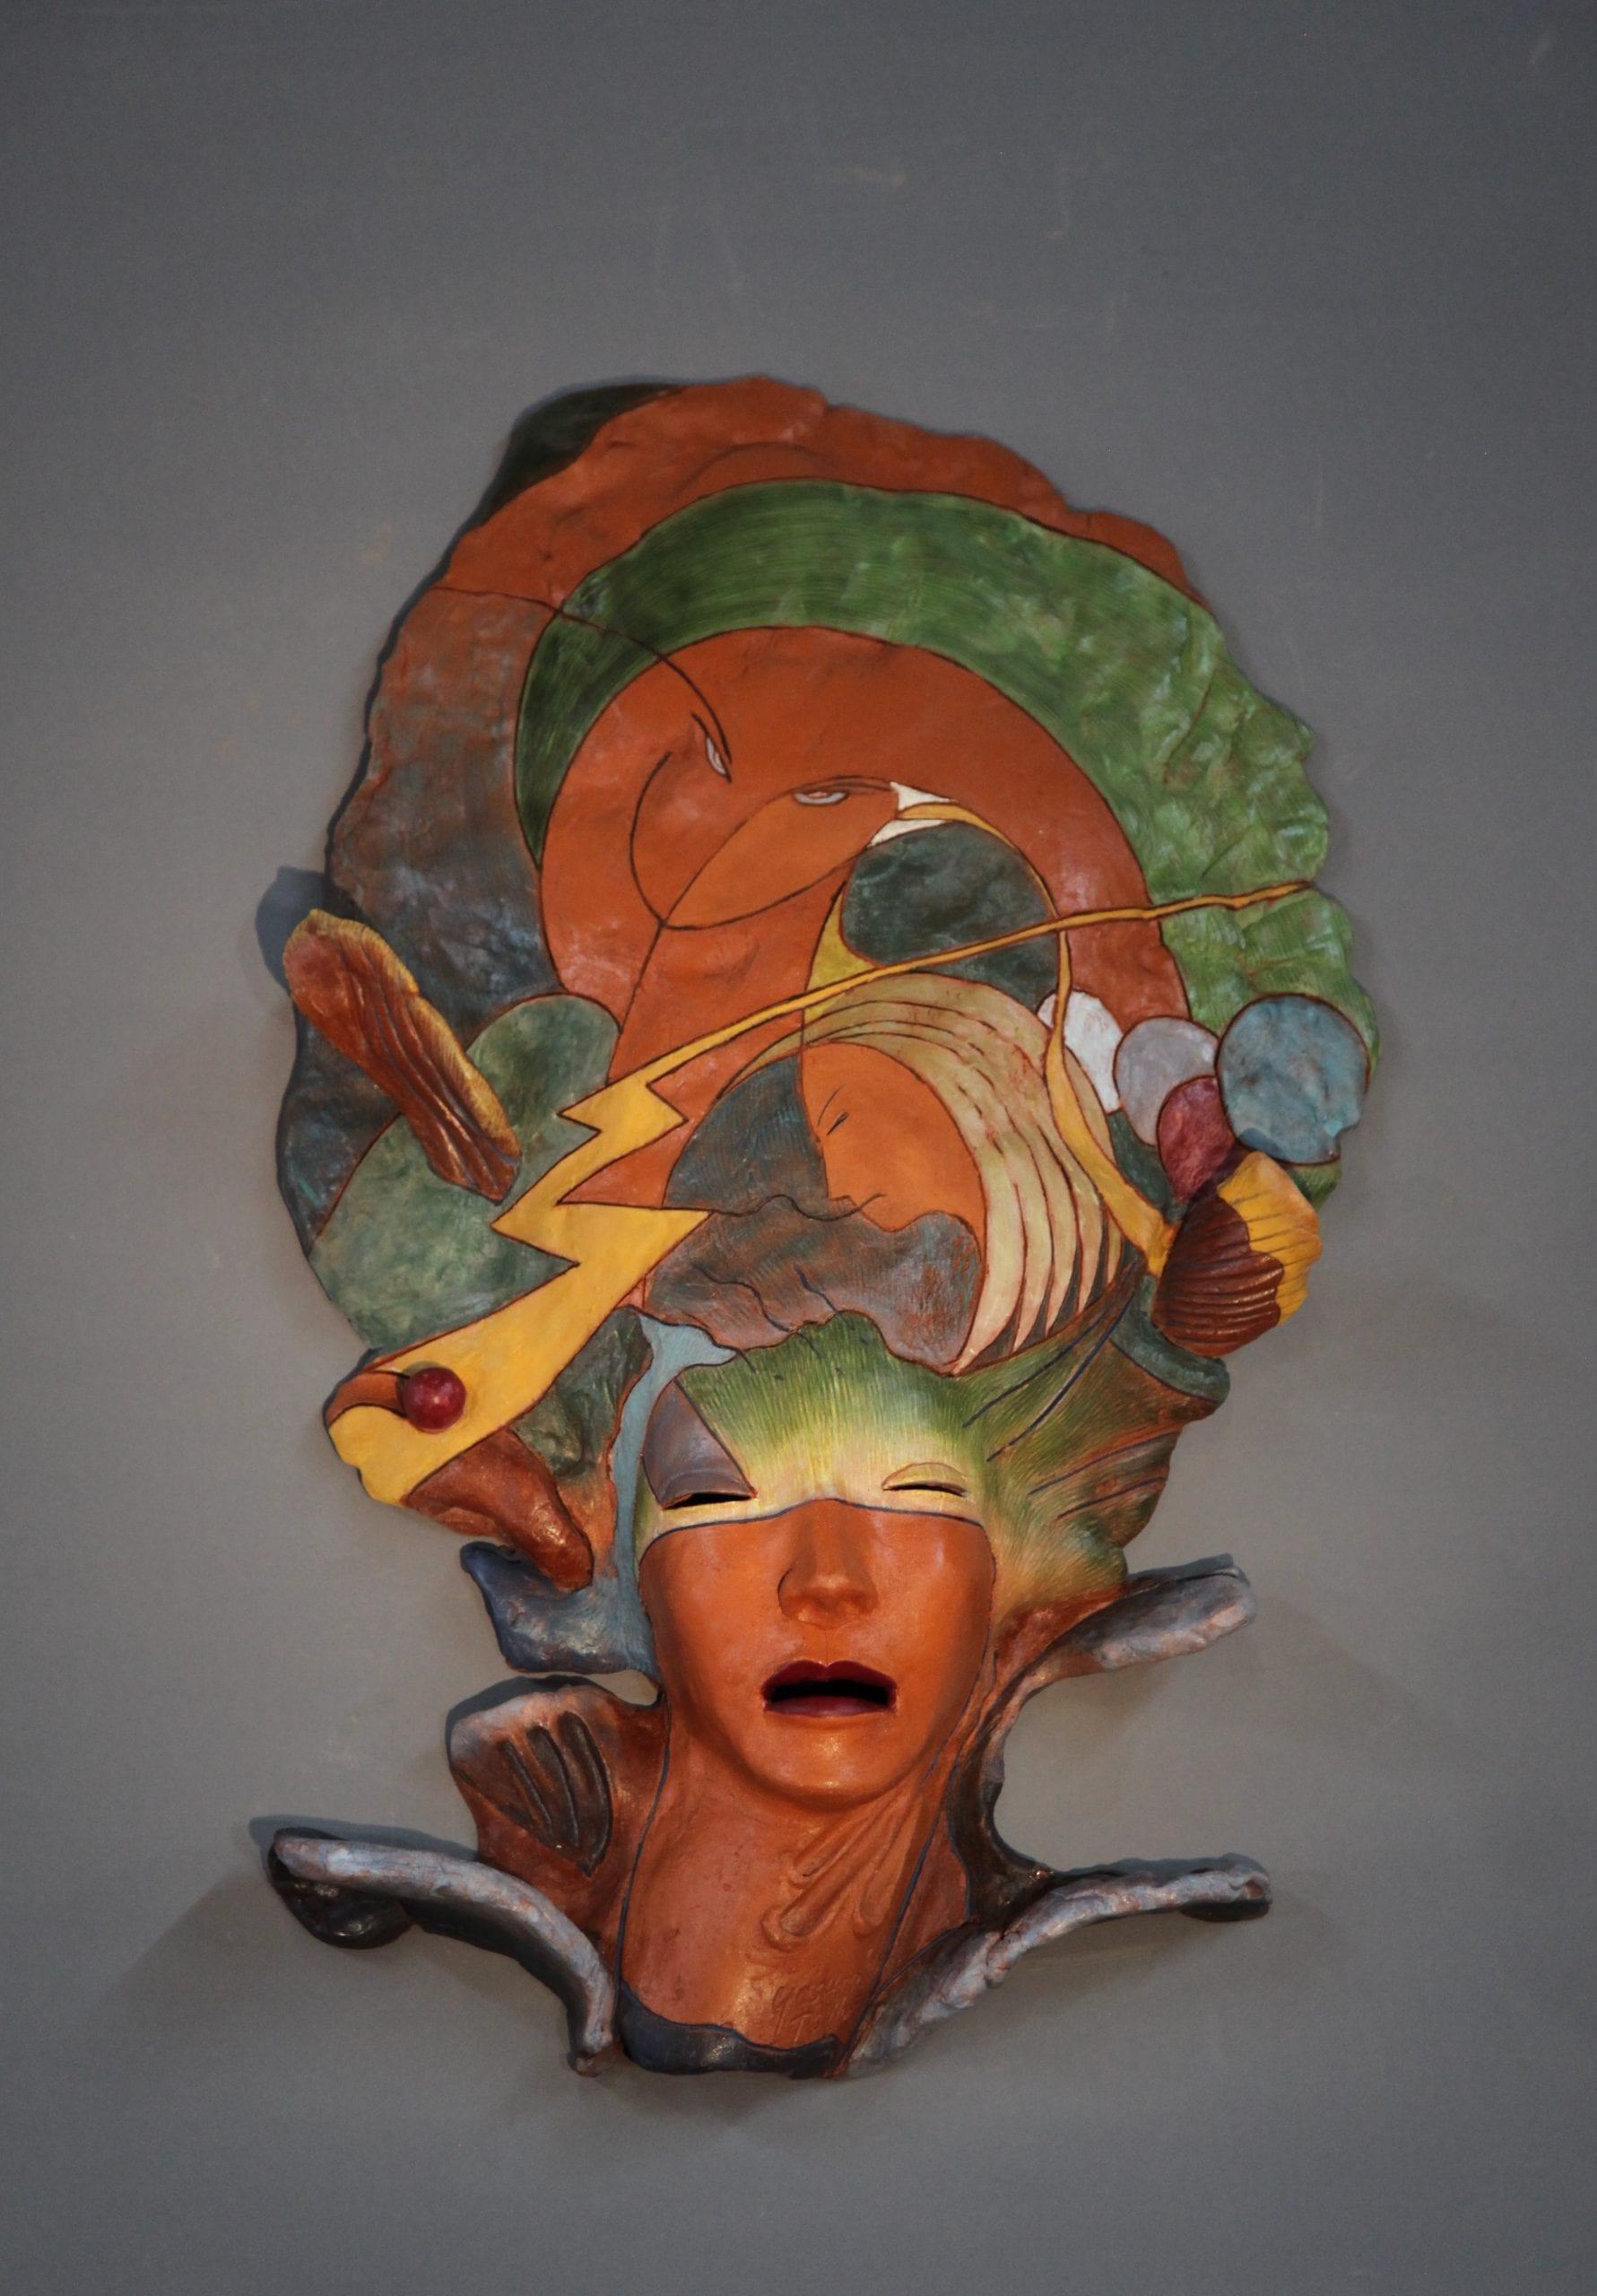 """Yoshio Taylor - Through Birds Eyes - 2020 - Ceramic - 28.5"""" x 18"""" x 6.5"""""""